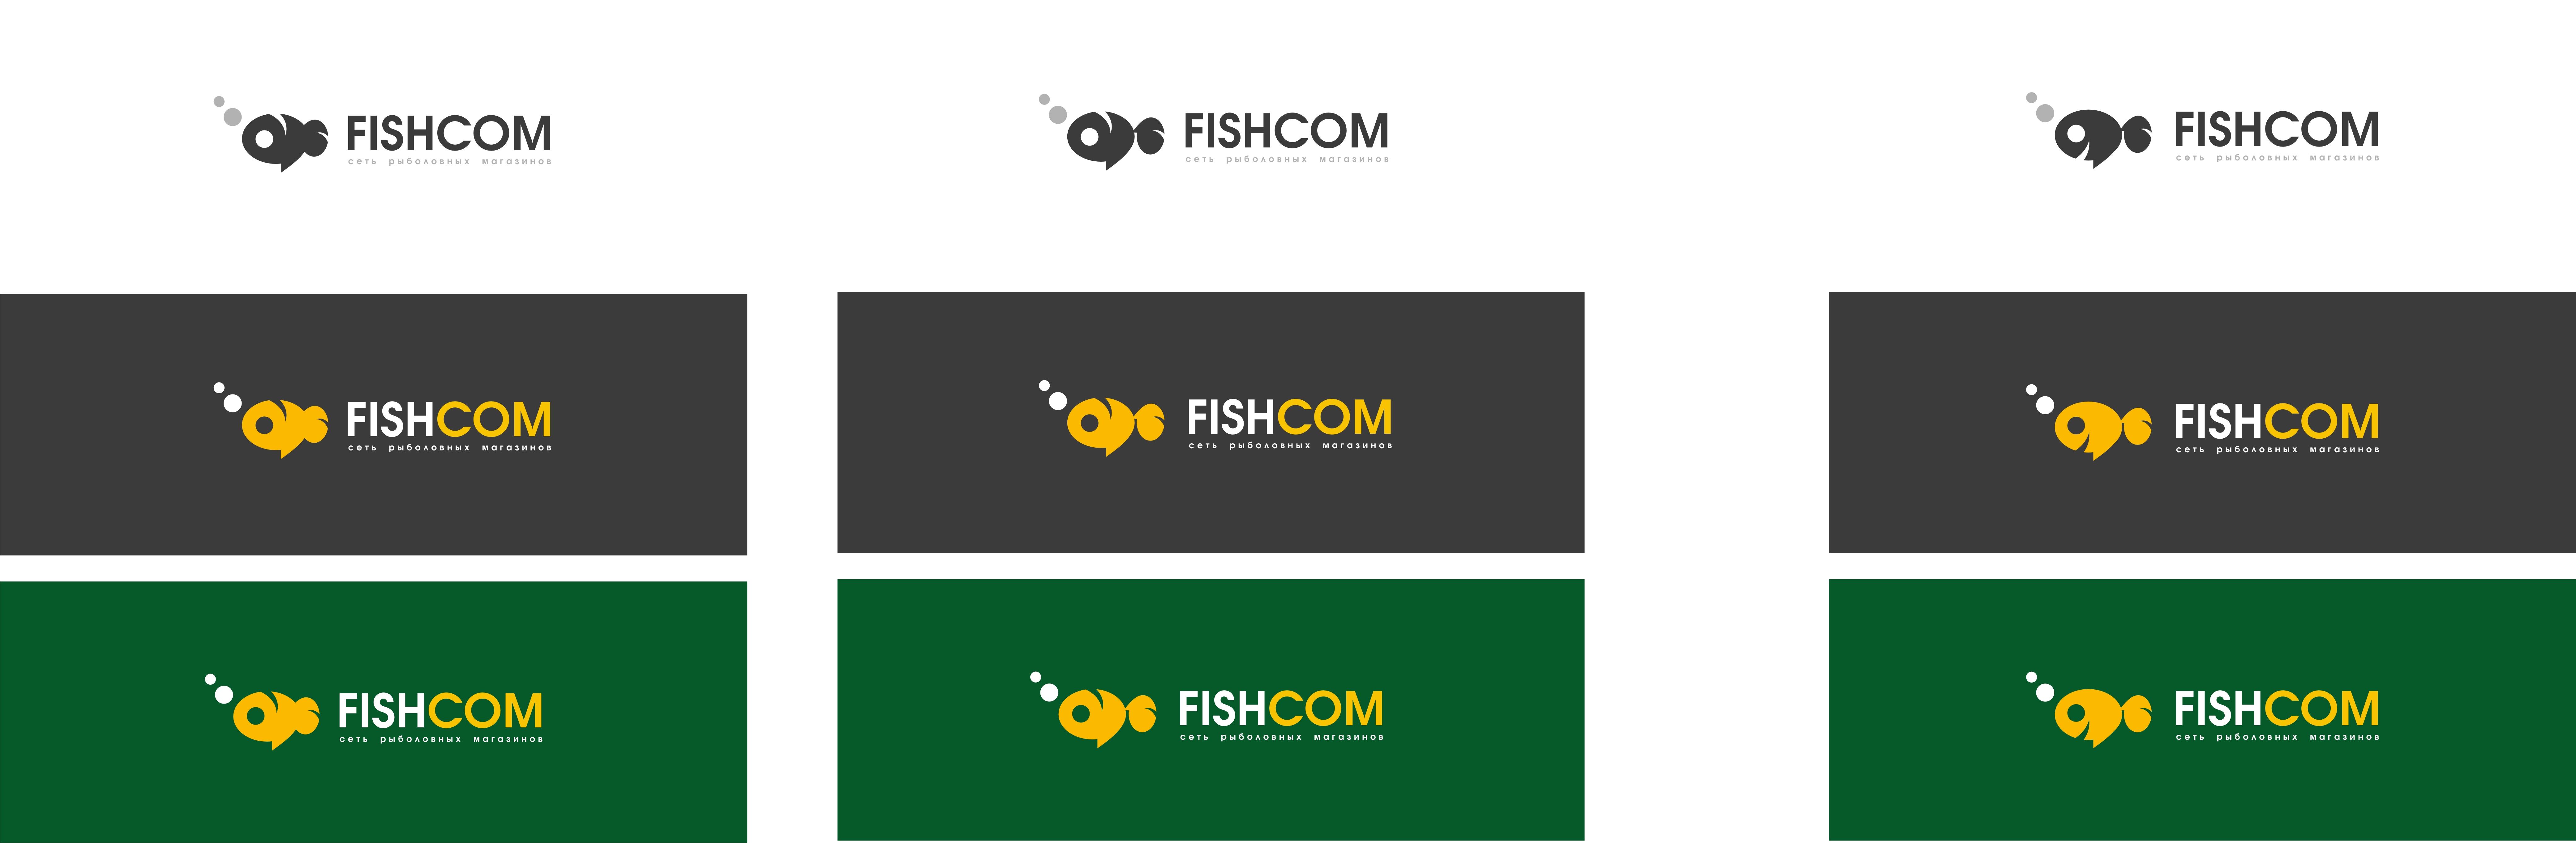 Создание логотипа и брэндбука для компании РЫБКОМ фото f_9165c17842344254.jpg